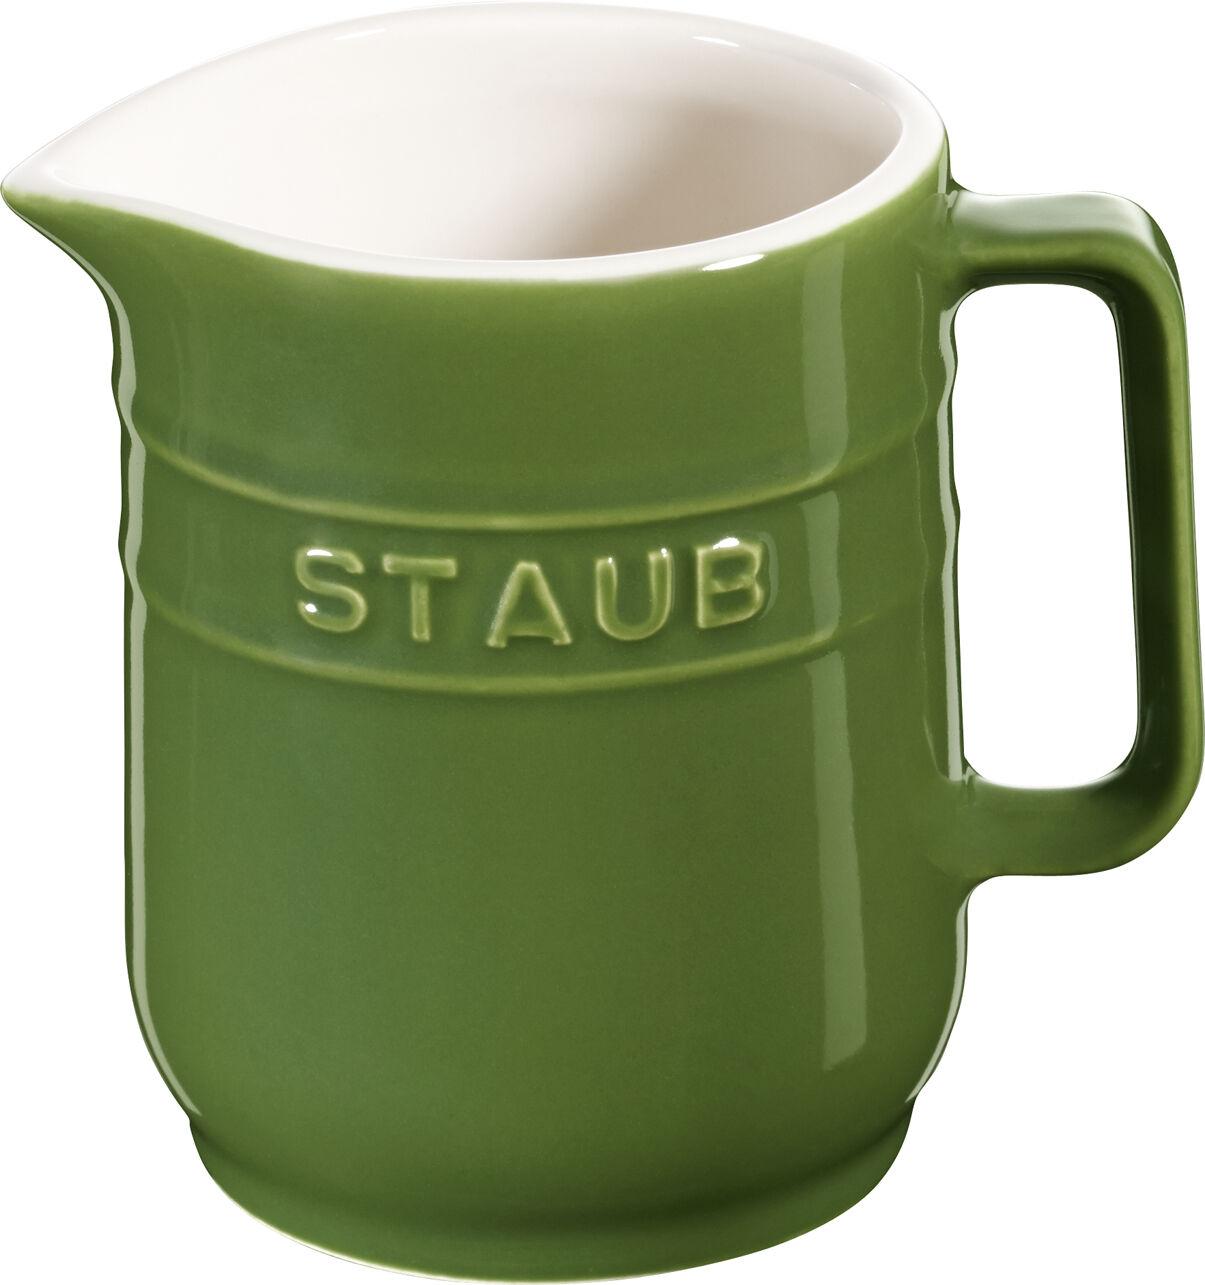 STAUB céramique petit pot carafe de lait Rond Basilic green 0,25L lave-vaisselle